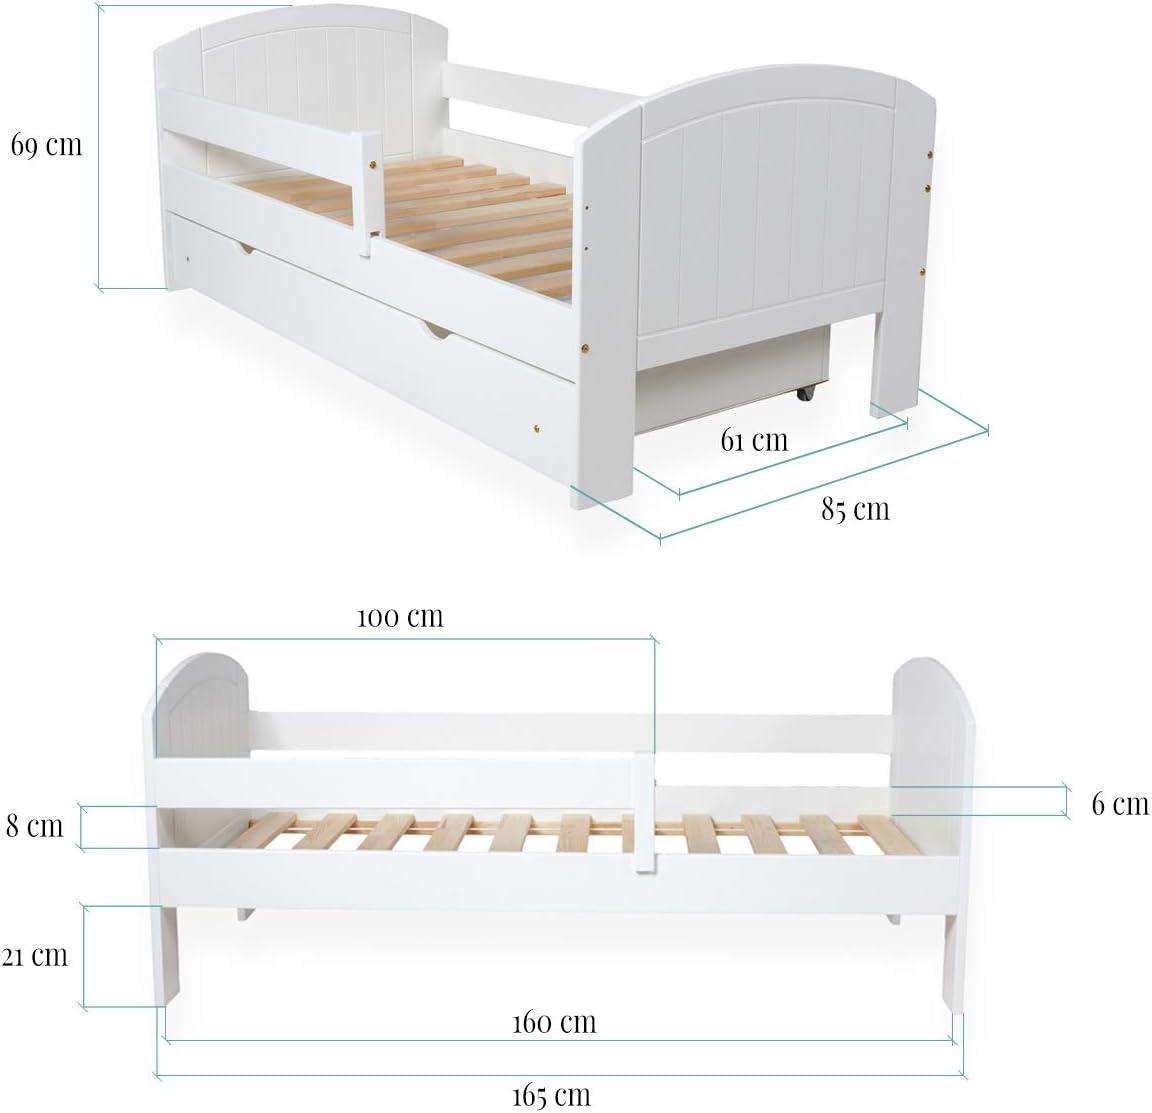 Kiefer Massiv Bett f/ür Kinder Schublade und Rausfallschutz Kinderbett Jugendbett Wei/ß aus Holz f/ür M/ädchen und Junge Toucan 160 x 80 cm